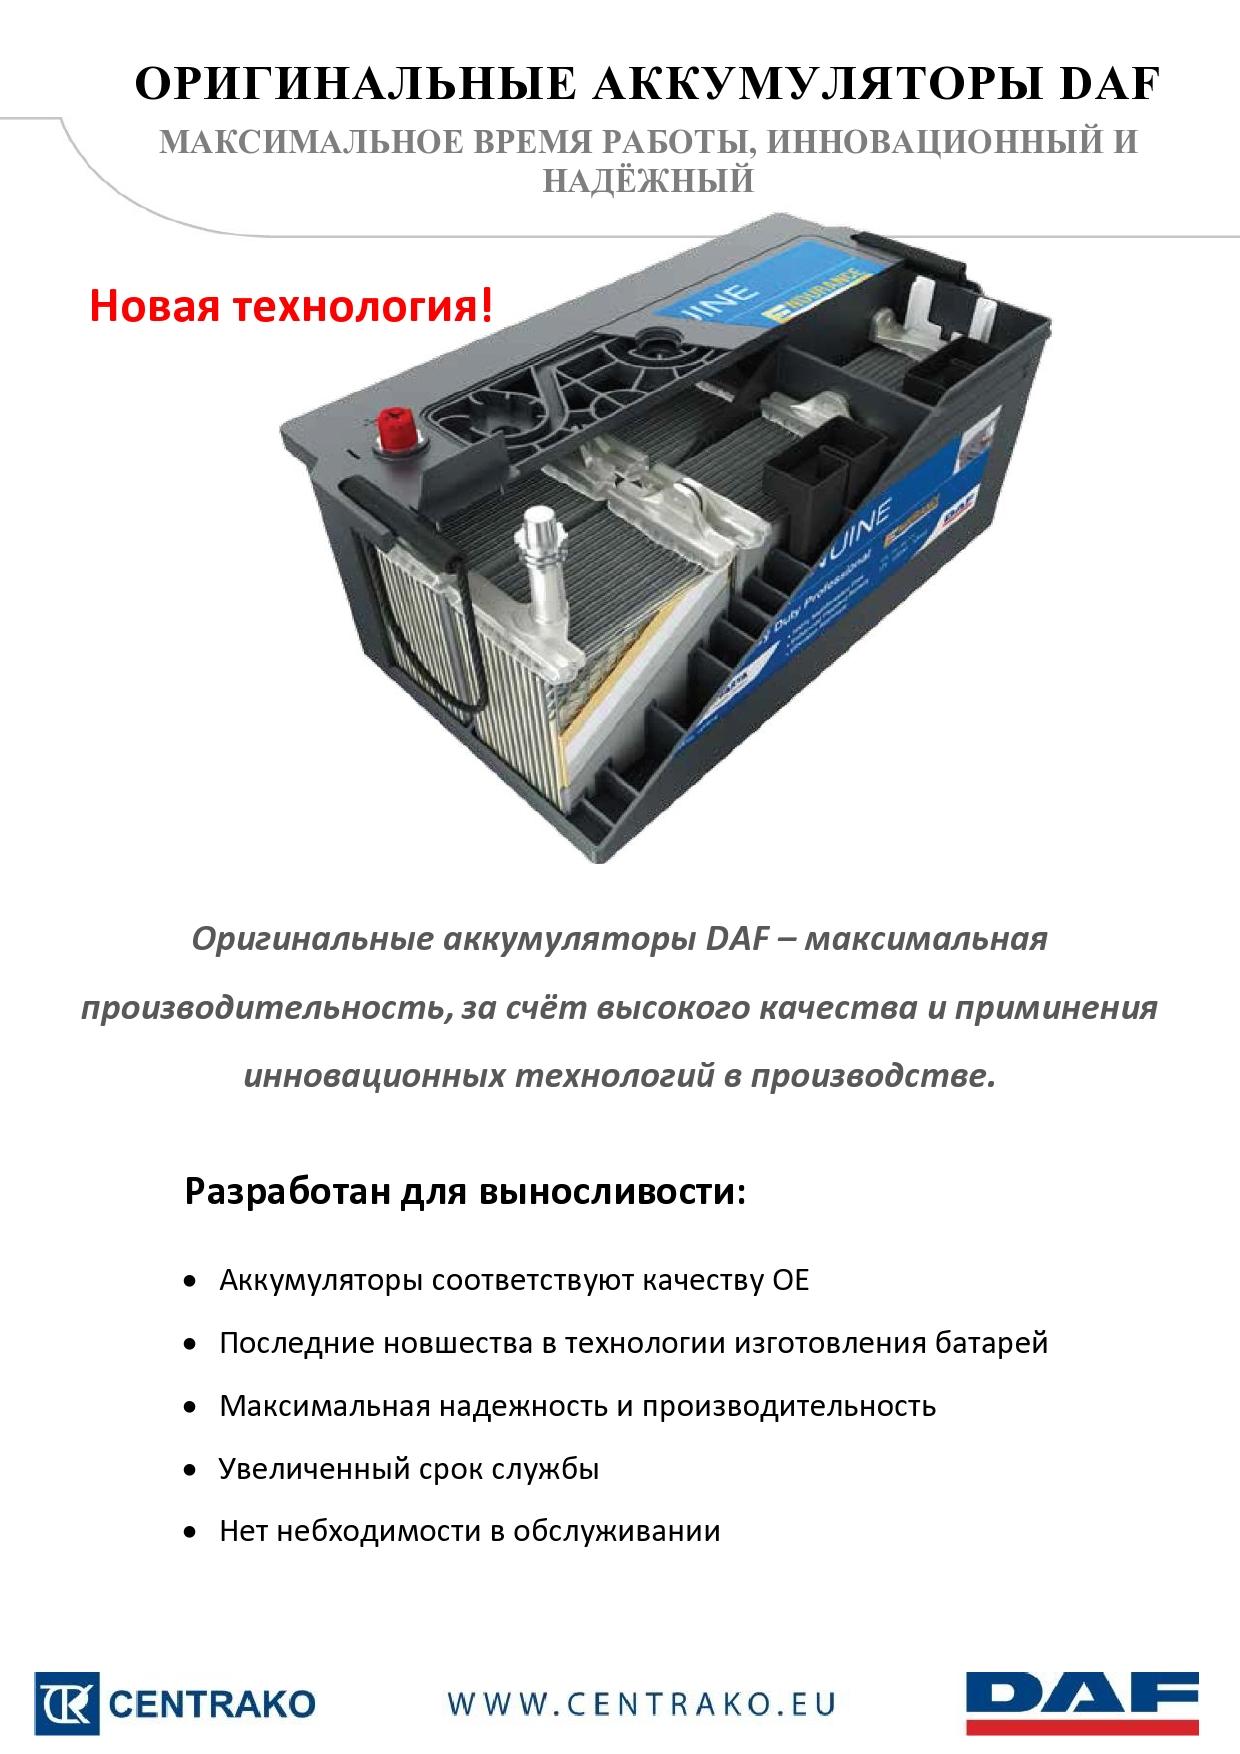 DAF Akumulatori_RUS_1